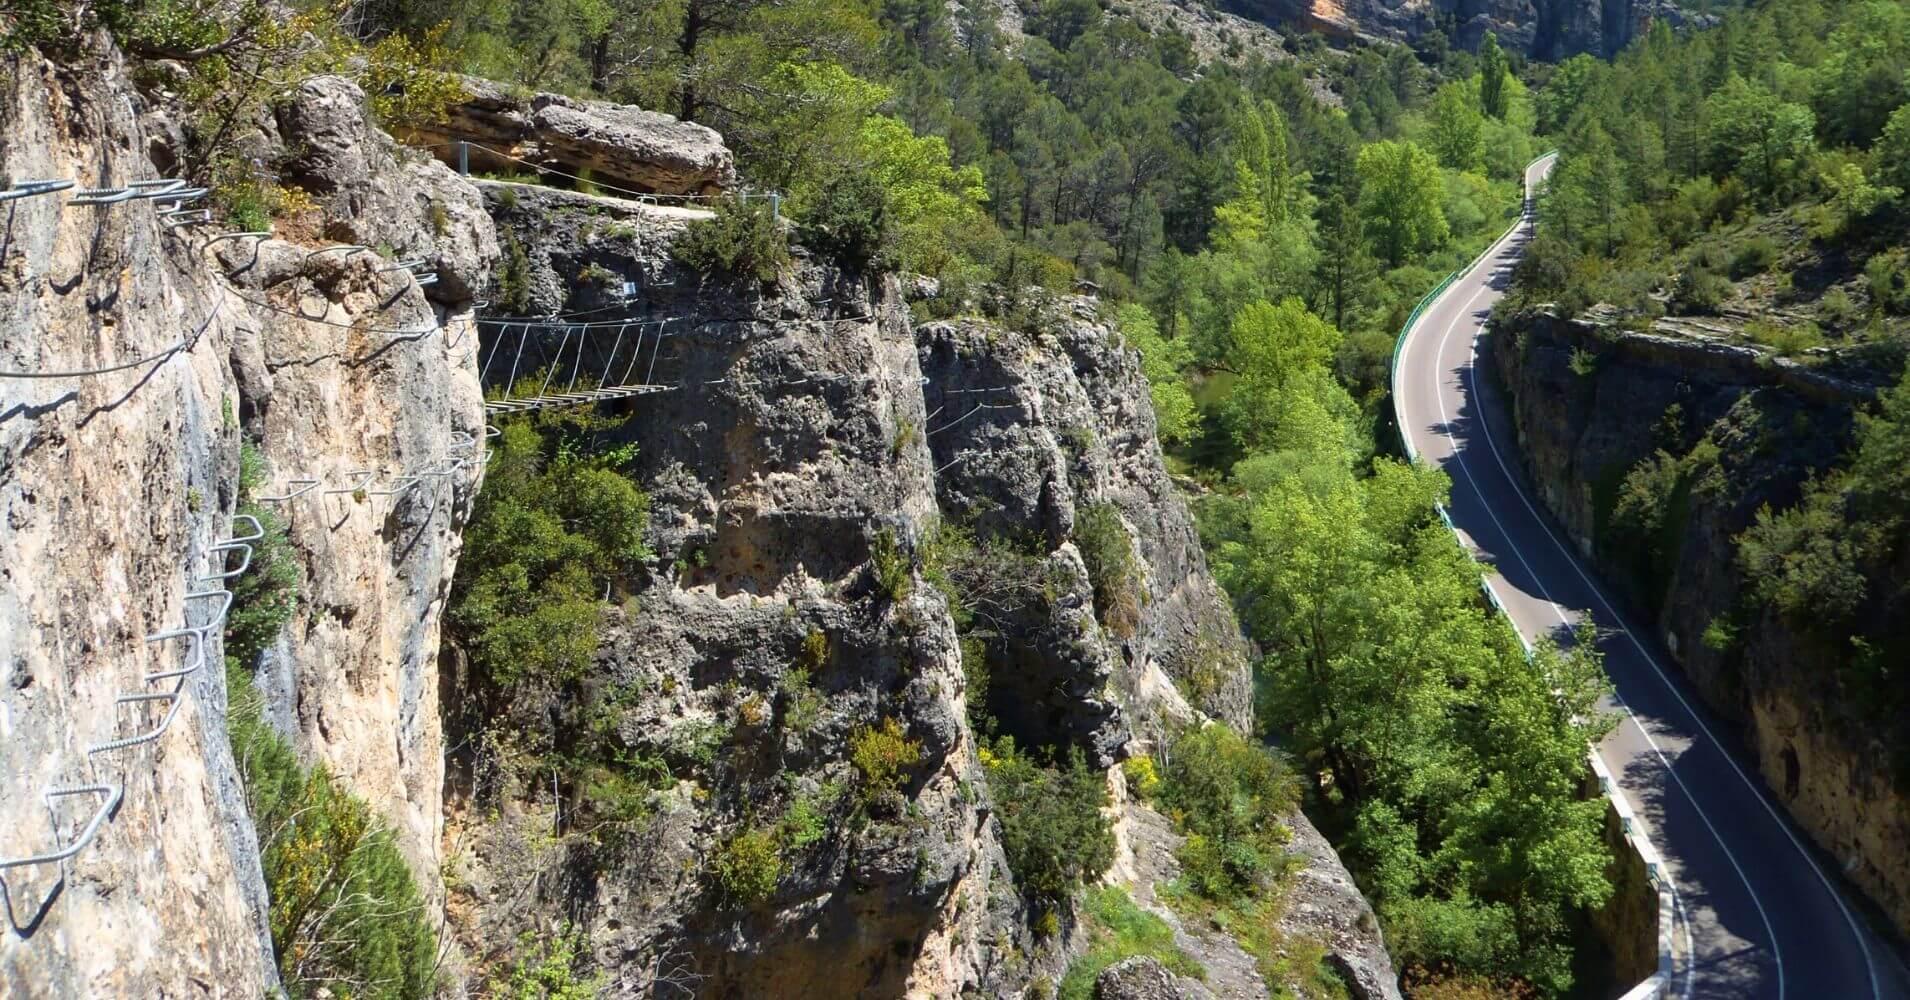 Puente Tibetano de la Vía Ferrata Estrecho de Priego. Cuenca, Castilla la Mancha.